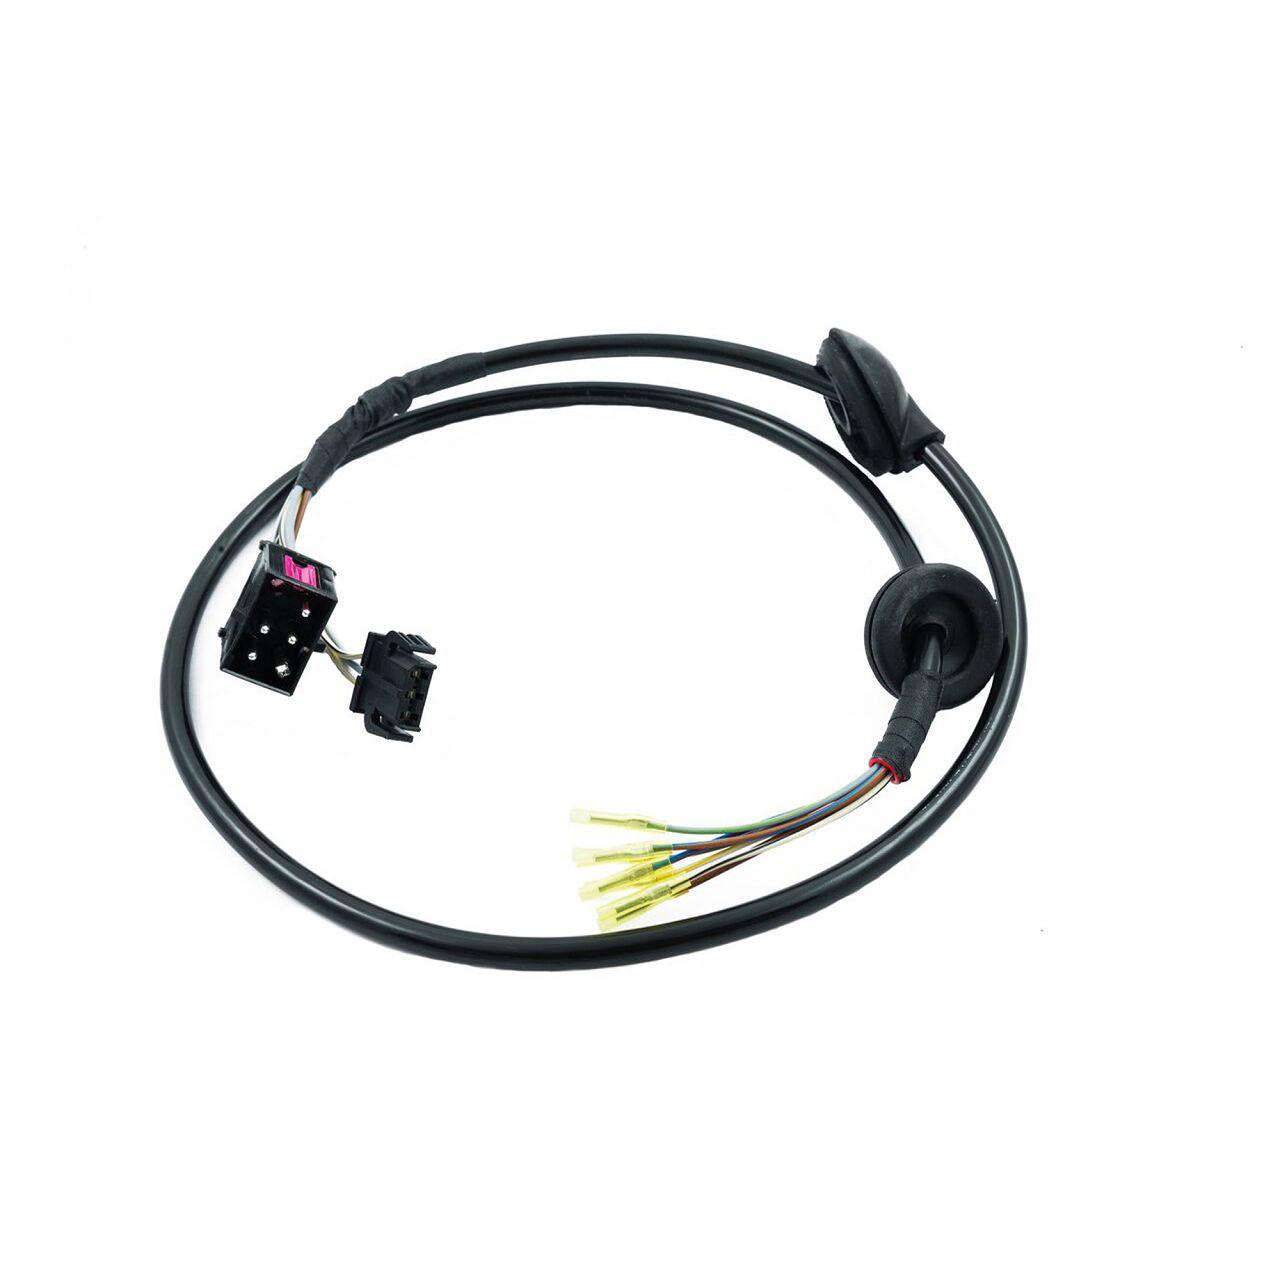 Kabelbaum Kabelsatz Kofferraum Heckklappe für AUDI 80 (8C B4) Limousine 7-polig